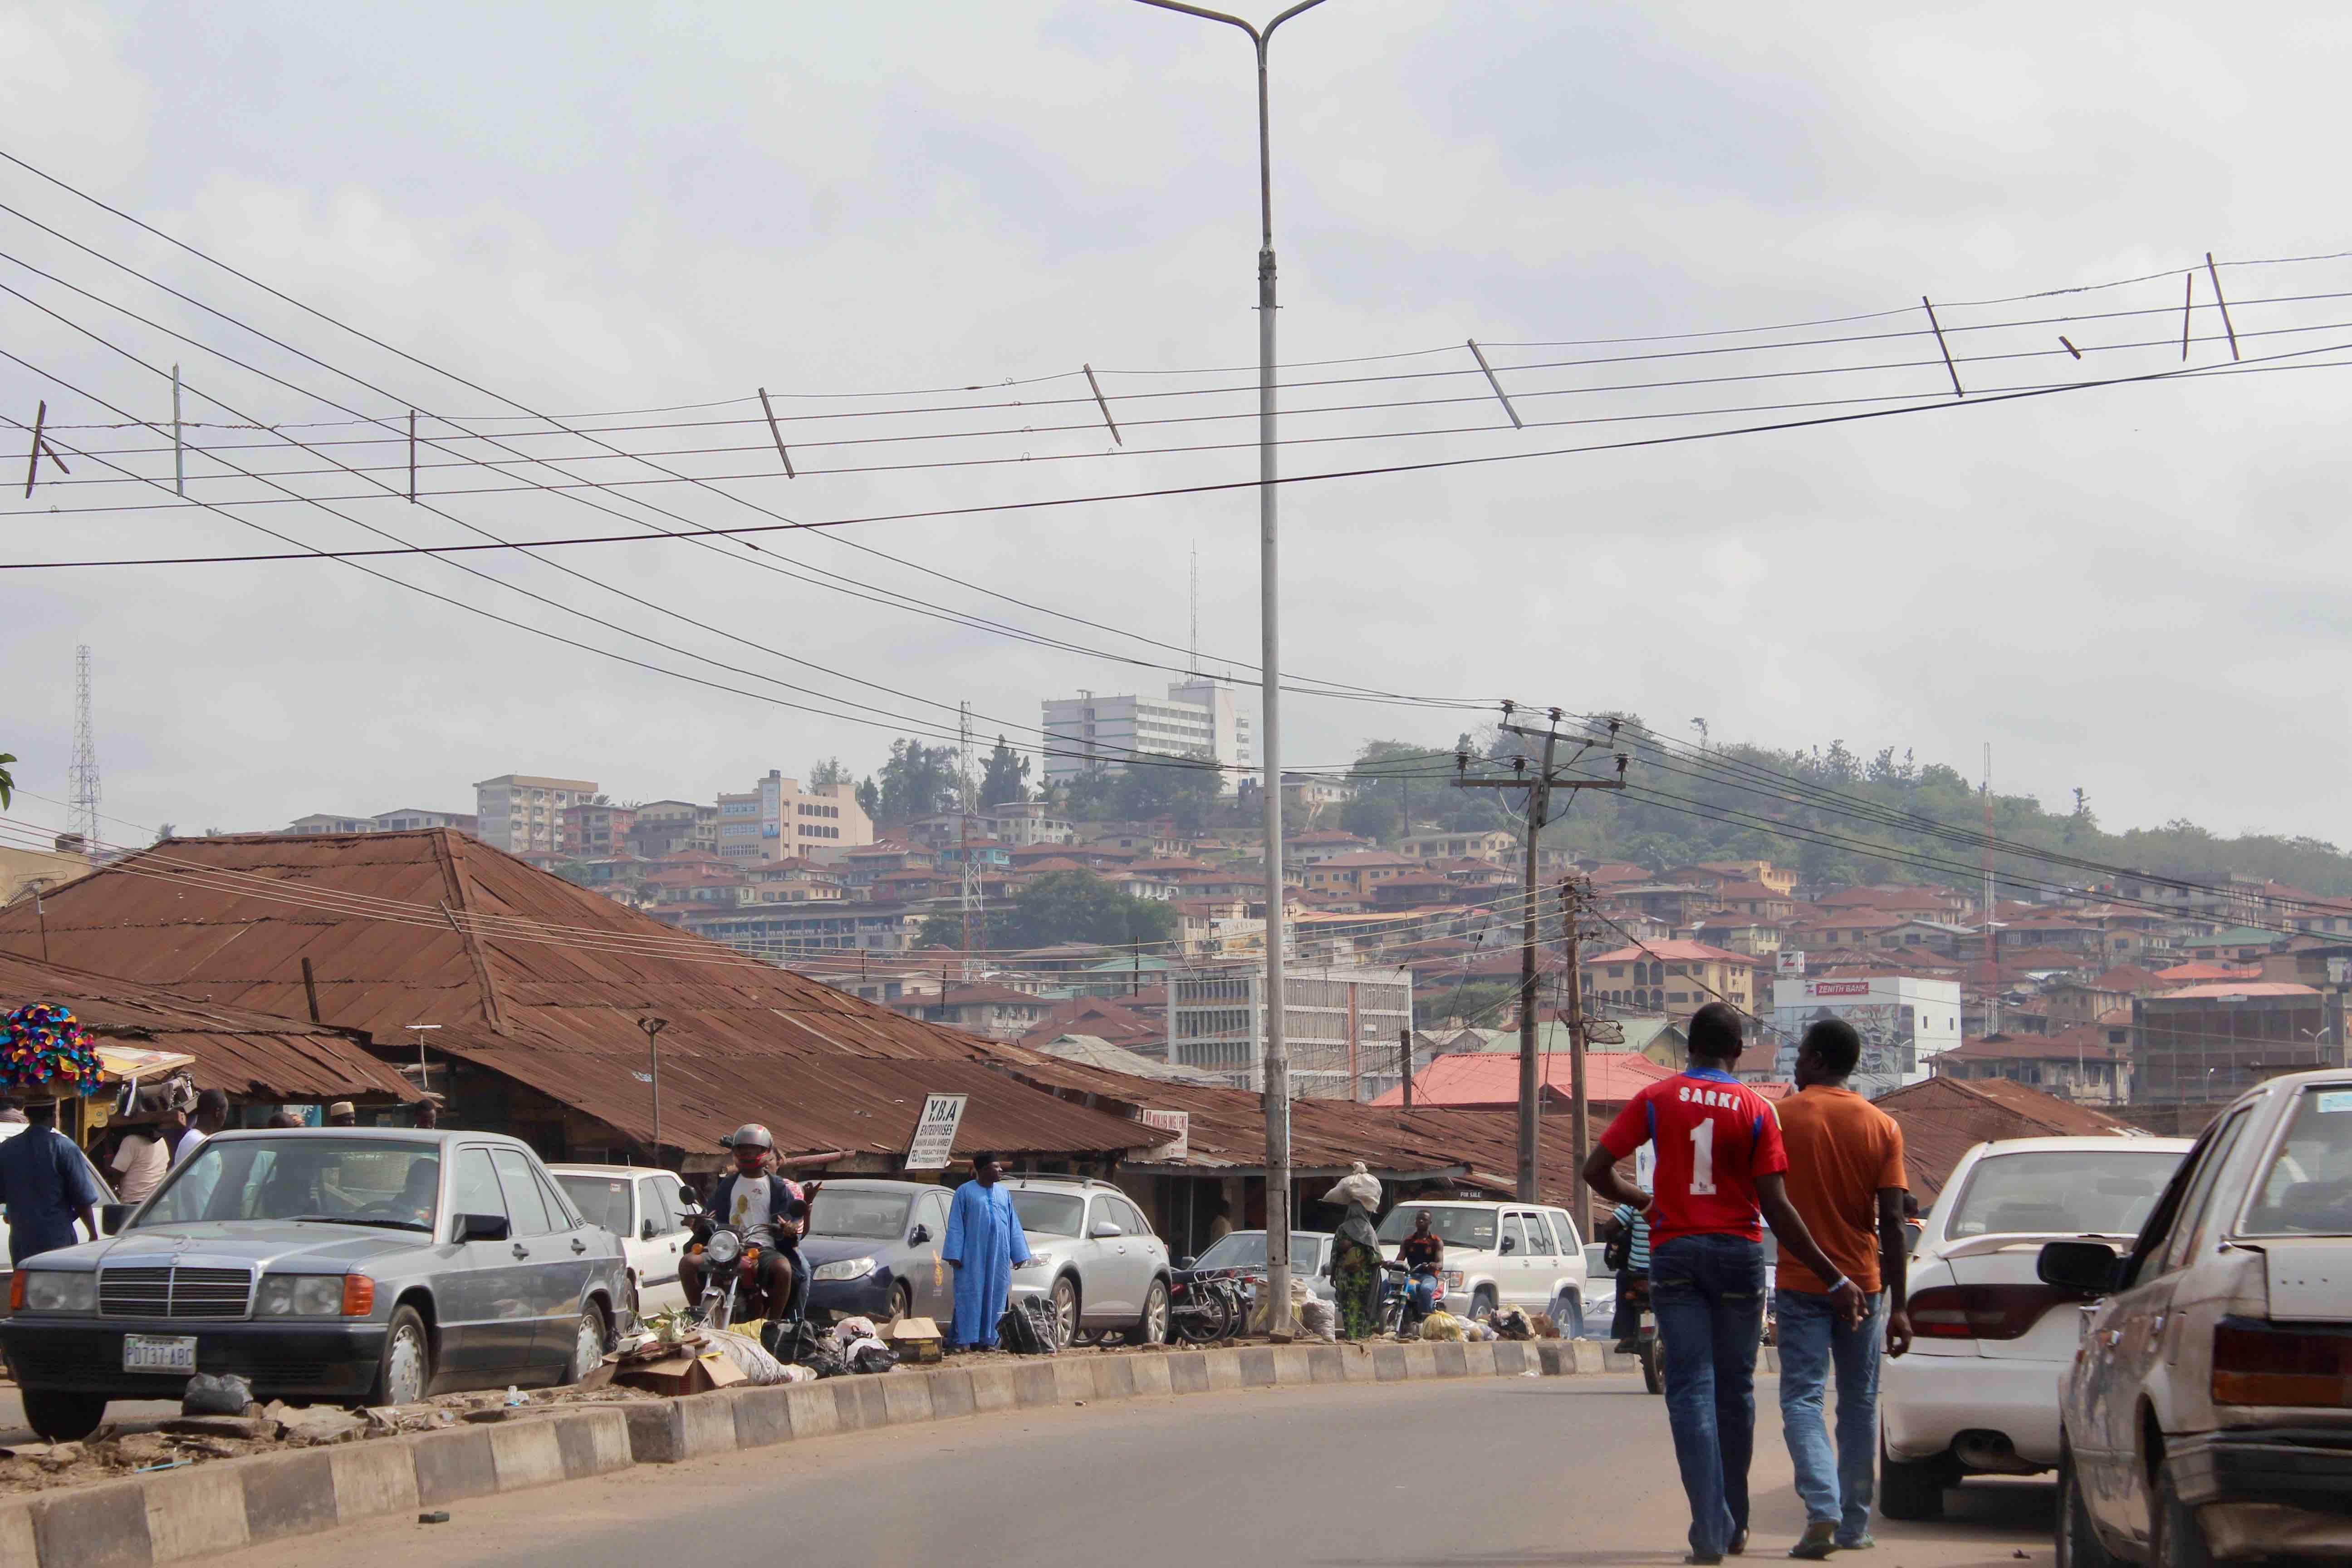 Sabo, Ibadan, Oyo State, Nigeria, #JujuFilms